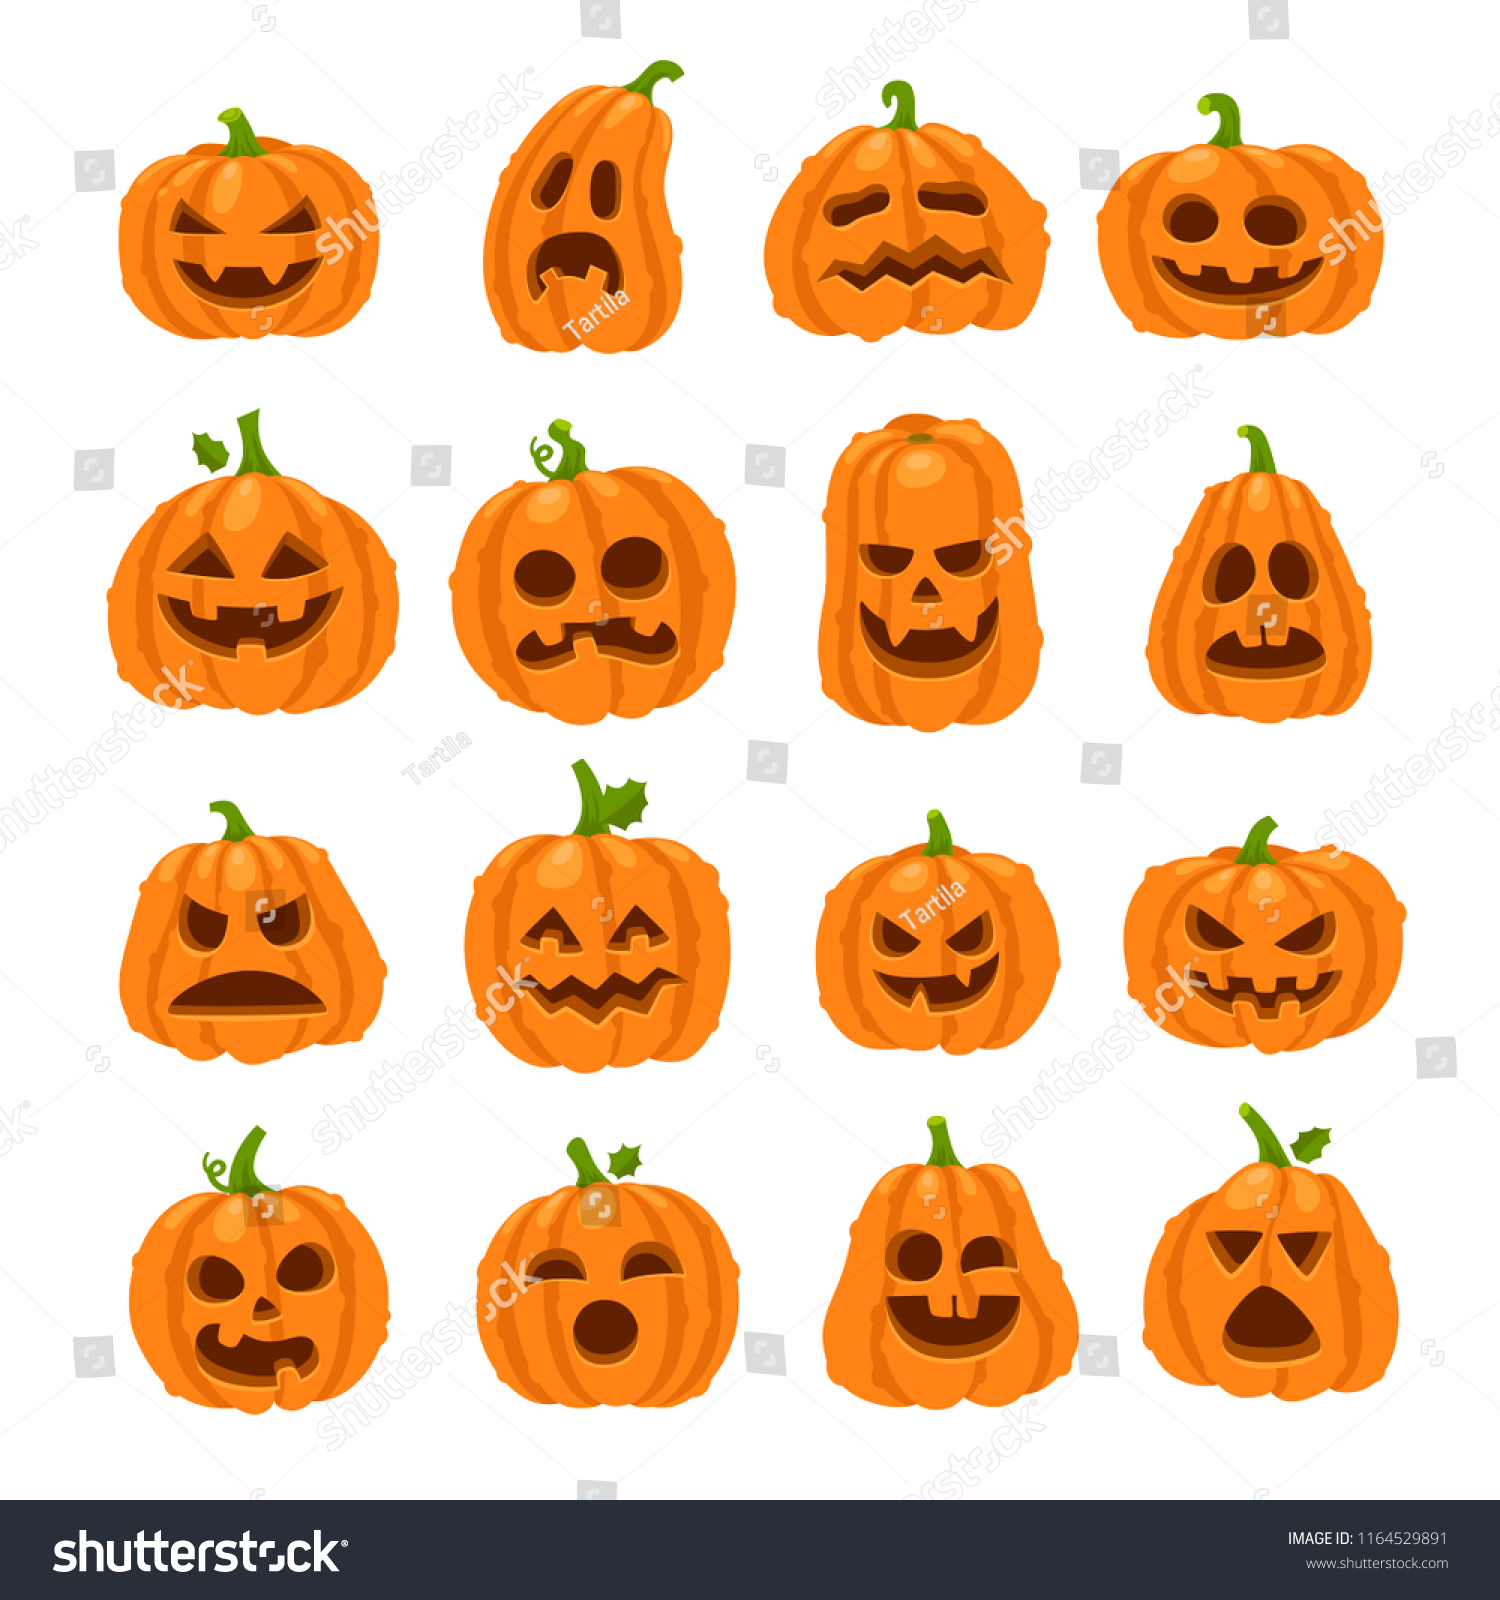 Cartoon Halloween Pumpkin Orange Pumpkins Carving Stock Vector